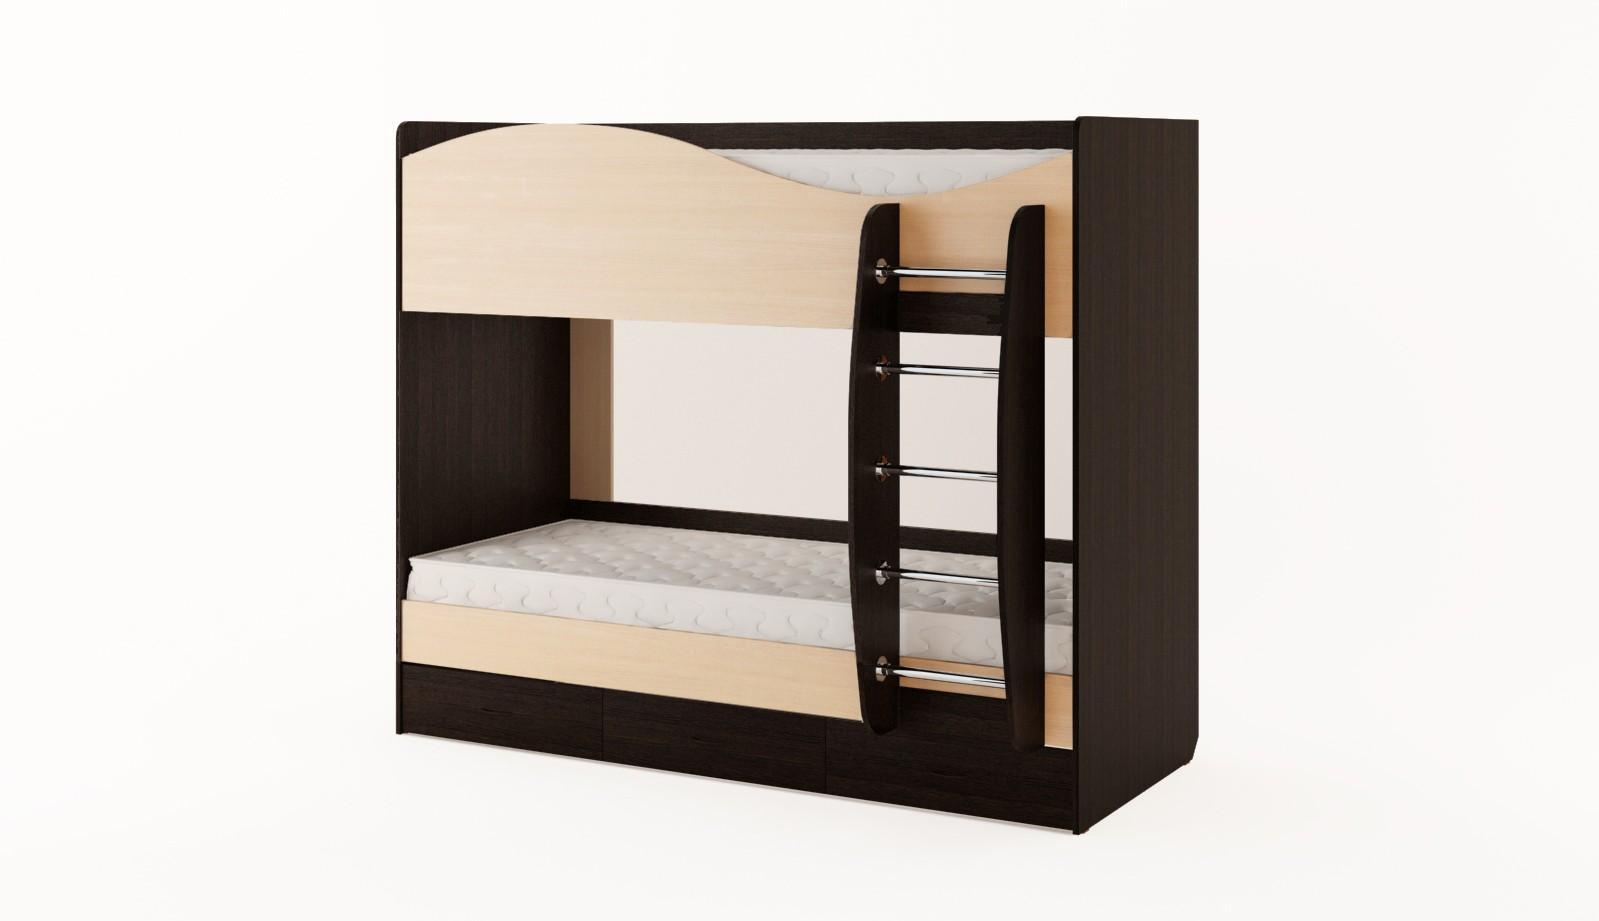 Бежево-черная двухъярусная кровать для детской комнаты